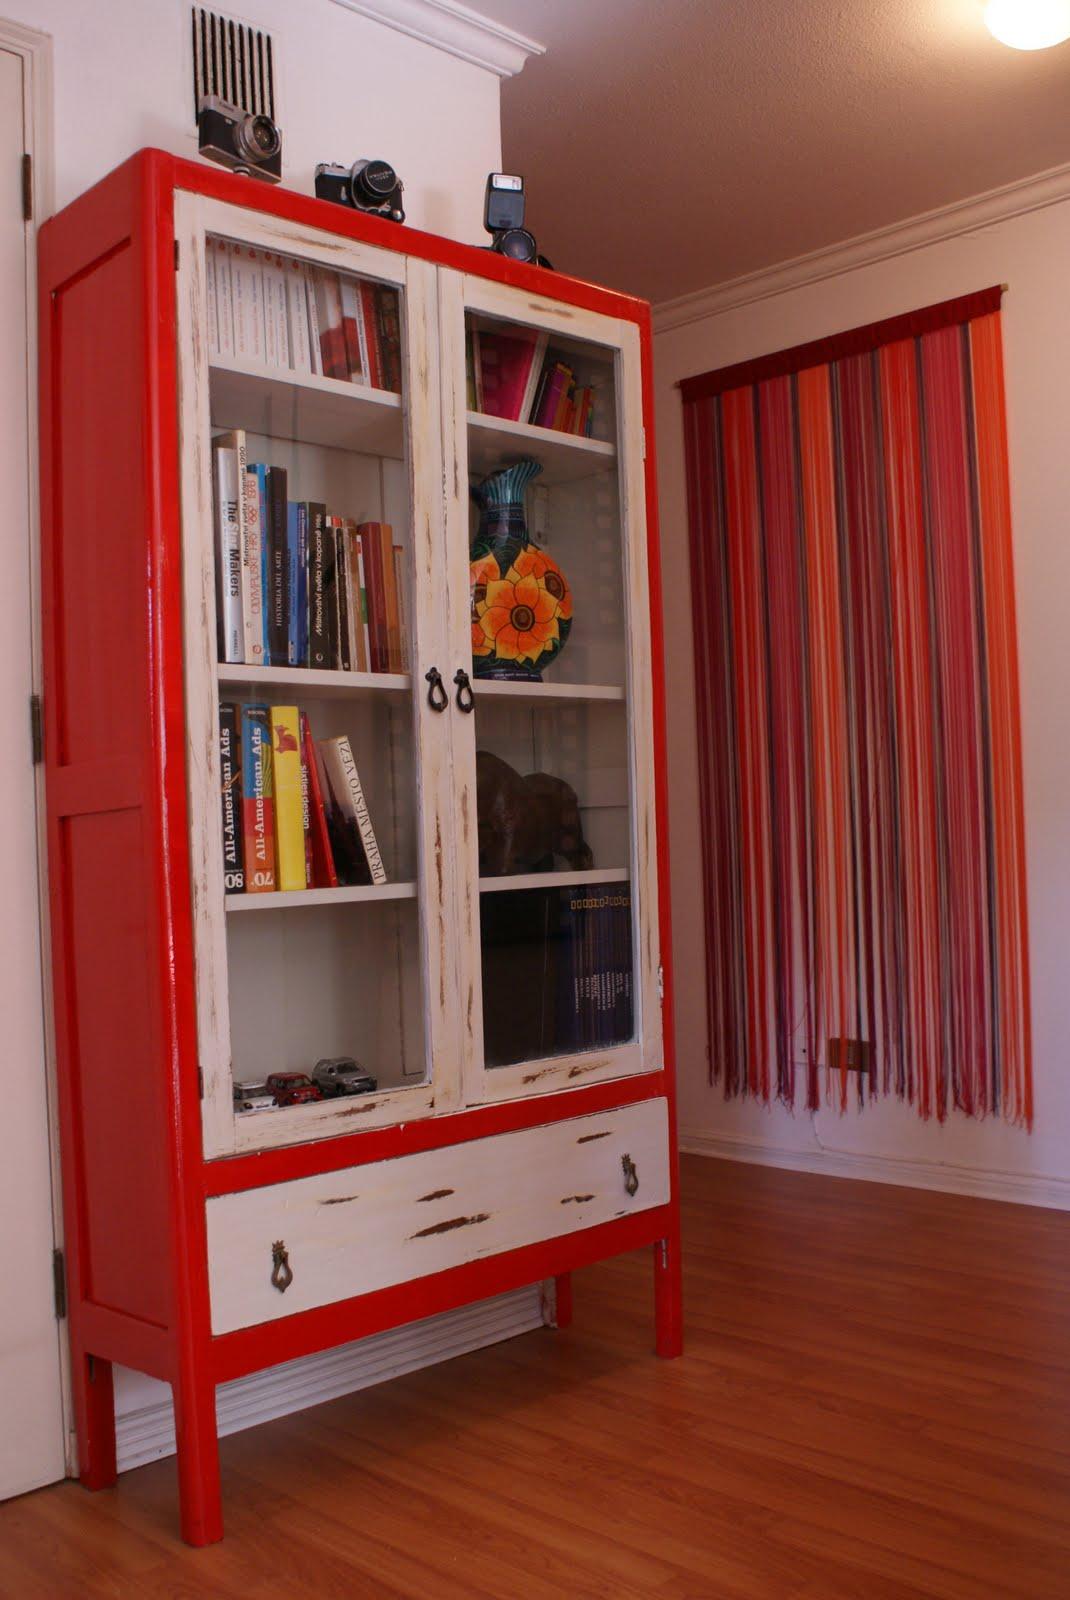 Arte y decoraci n muebles reciclados for Muebles reciclados ideas